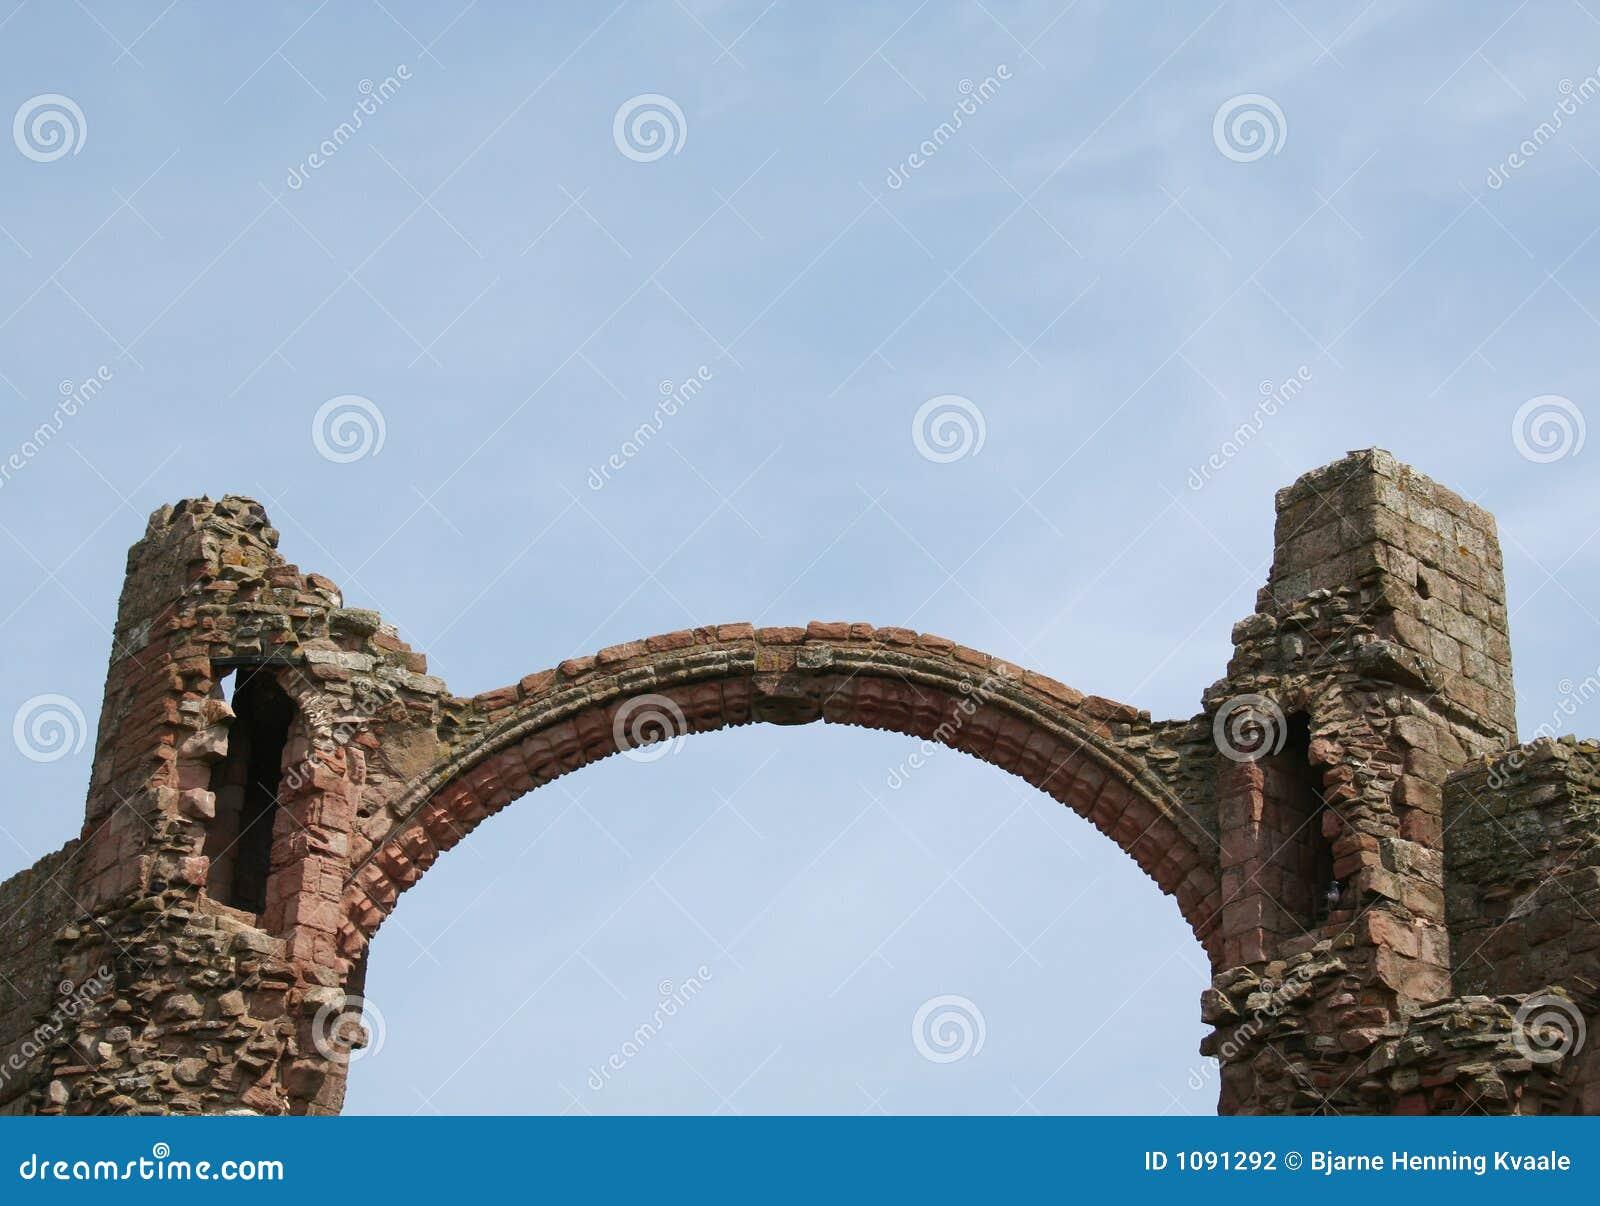 Arch lindisfarne